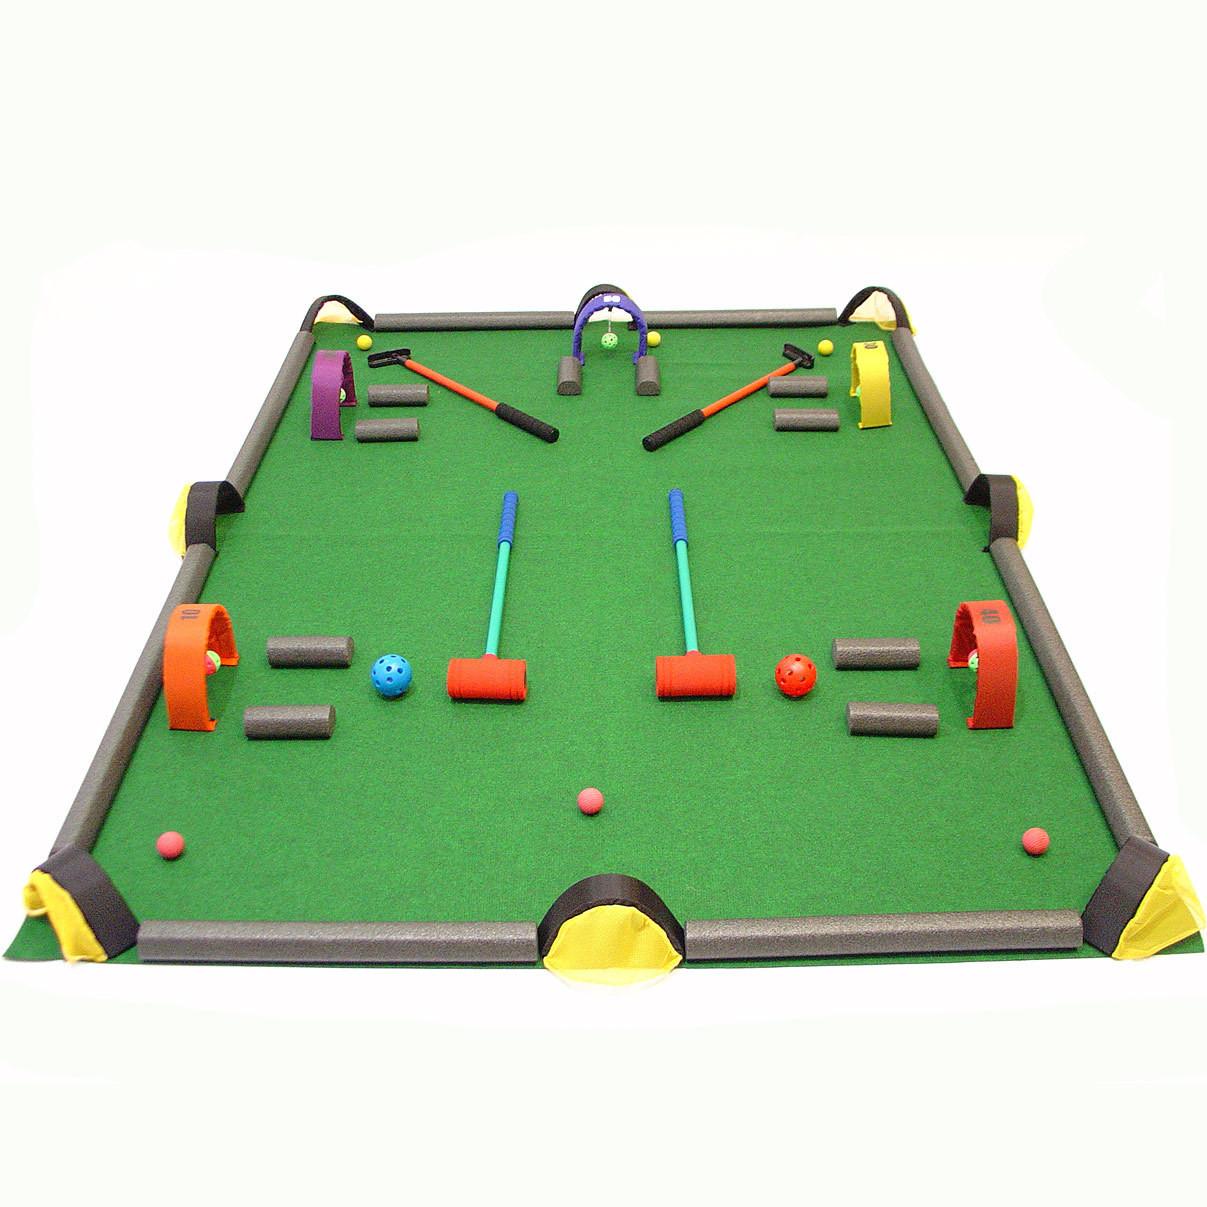 Golf / Croquet / Billiards Game Set